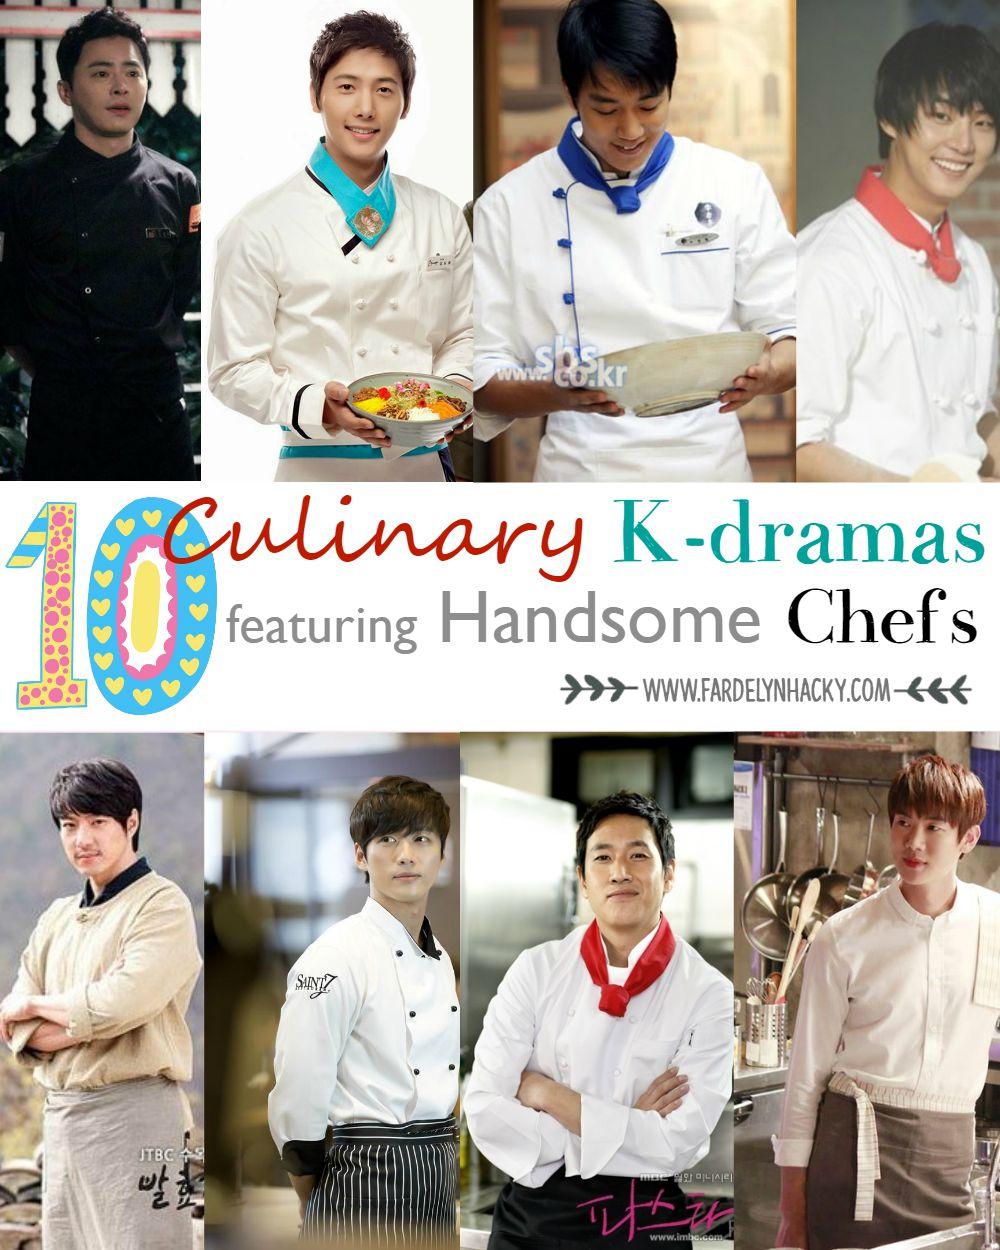 Drama Korea Bertema Kuliner yang Menampilkan Chef Tampan, Culinary K-Drama Featuring Cool Chefs